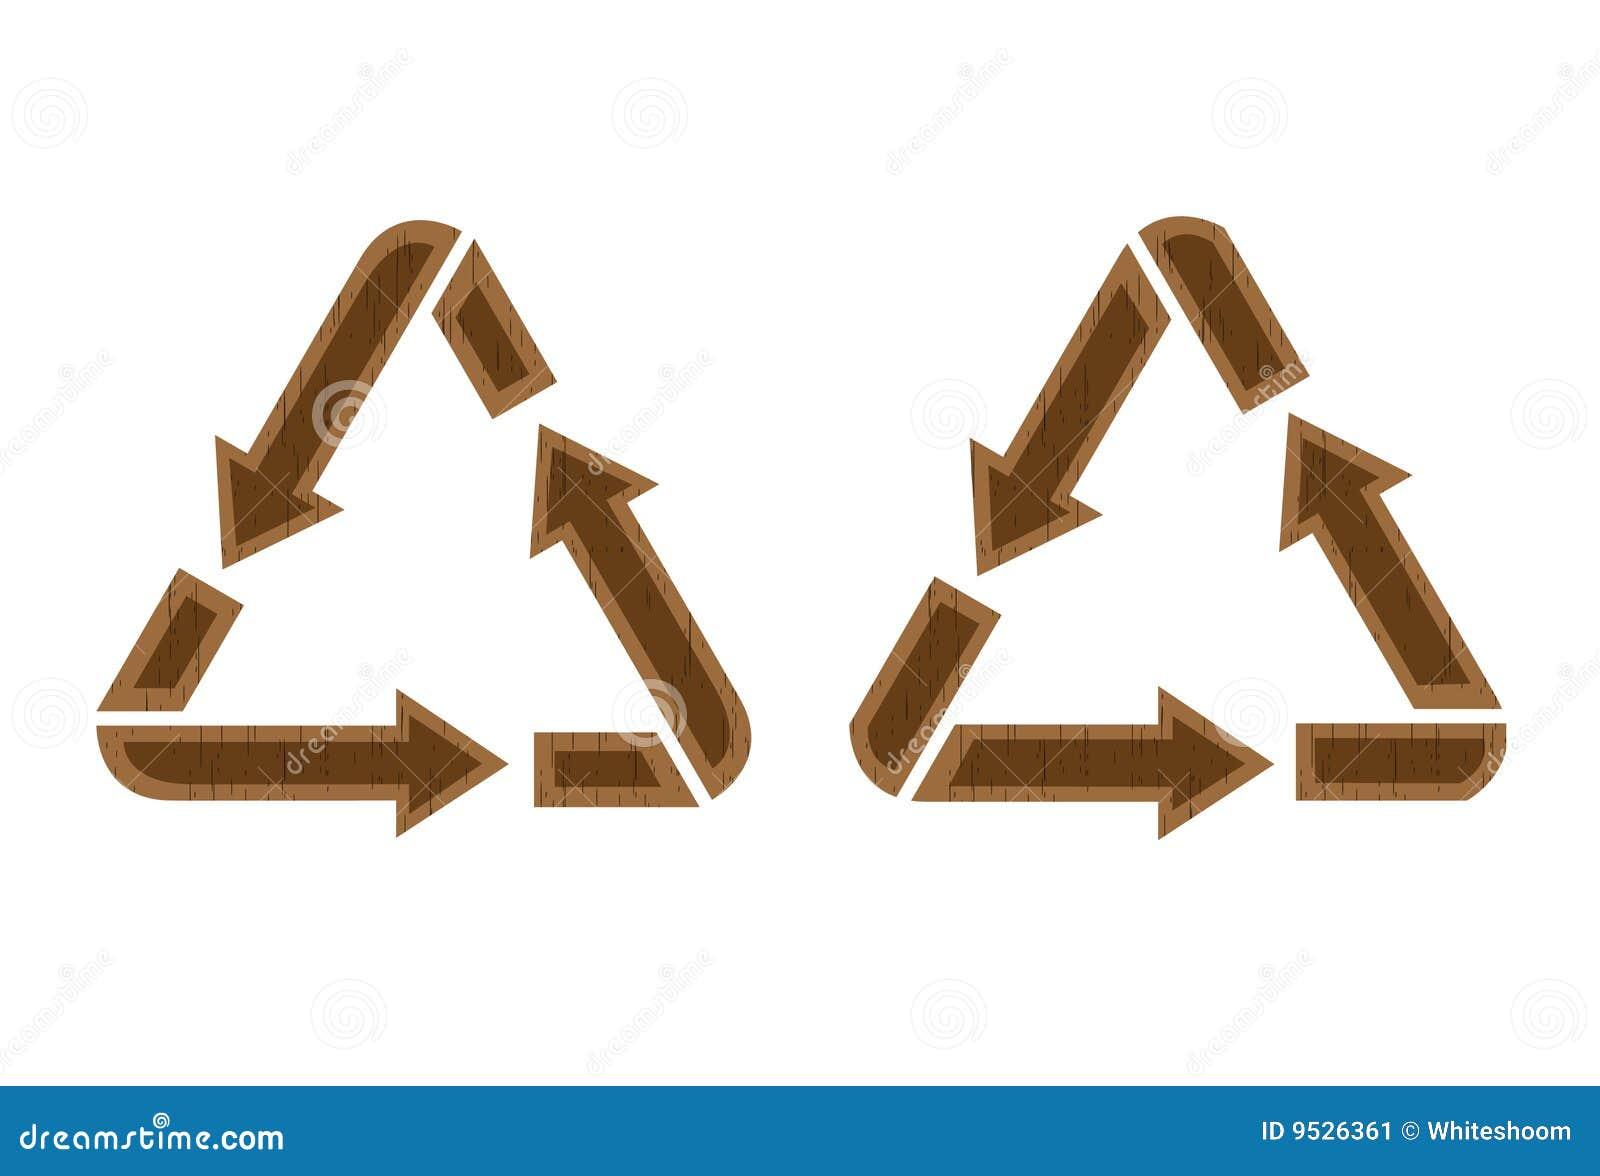 Icono de reciclaje de madera imagen de archivo imagen 9526361 - Reciclaje de la madera ...